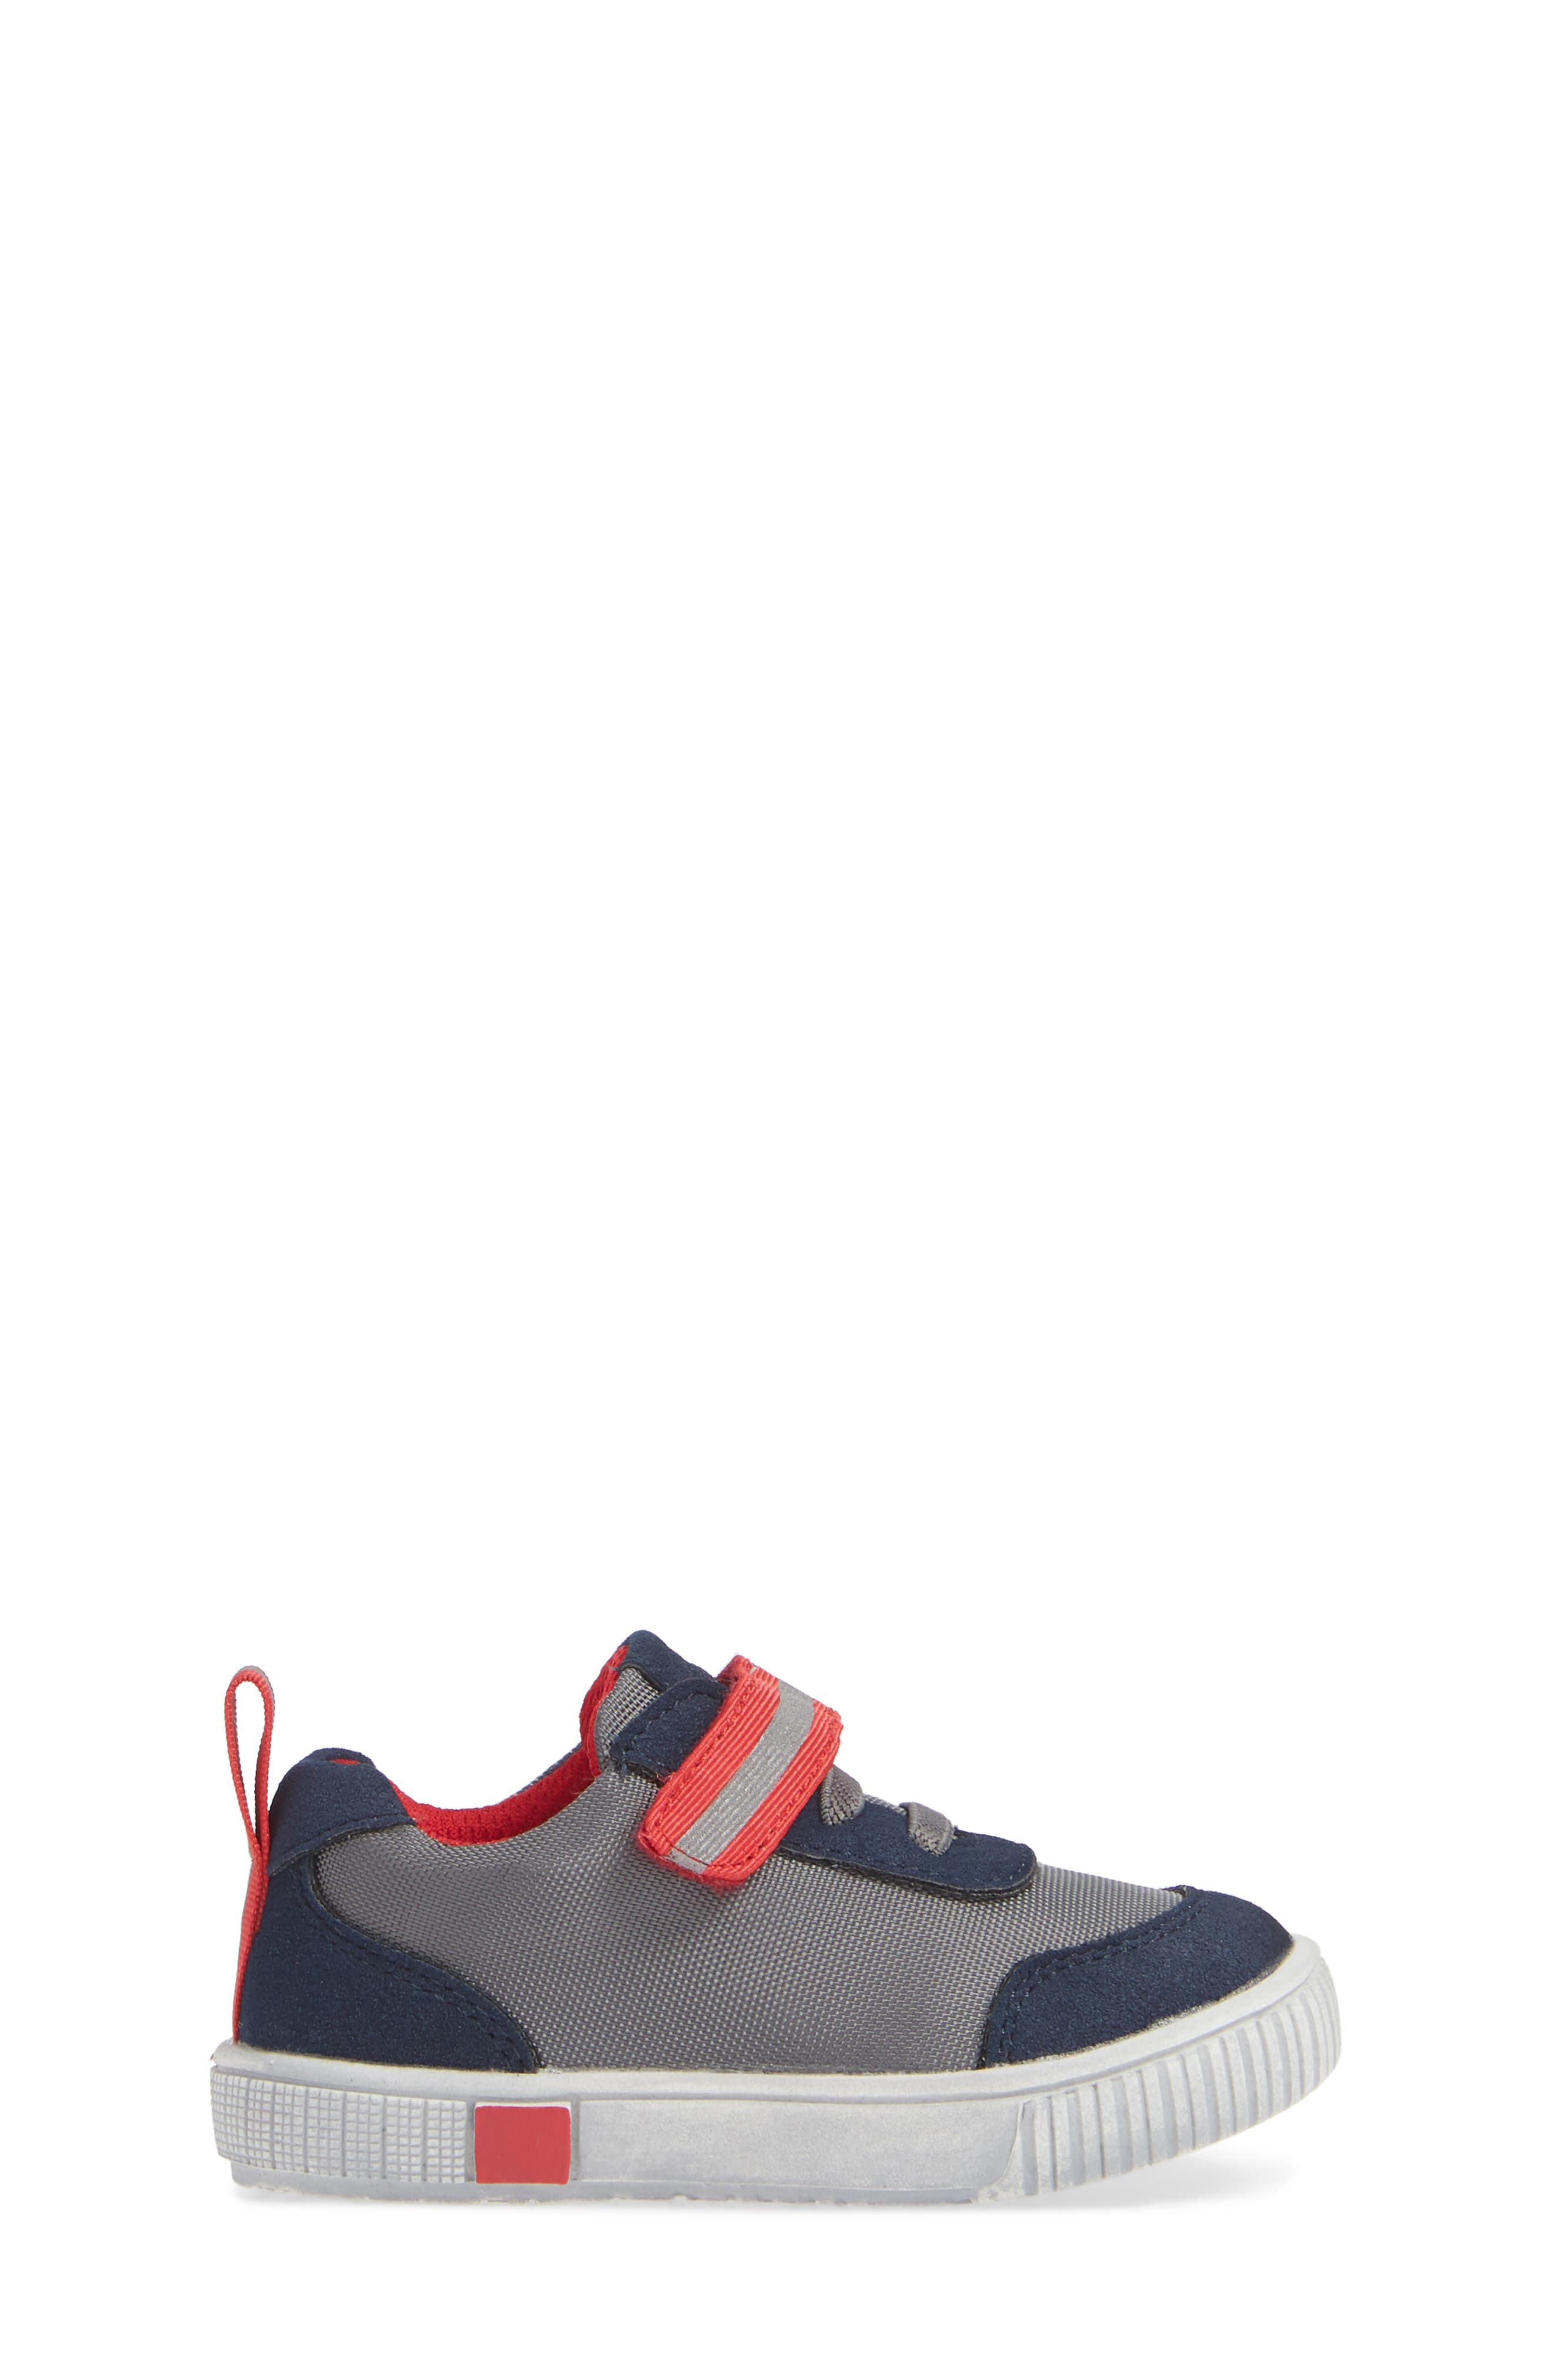 Vault Sneaker,                             Alternate thumbnail 3, color,                             SLATE GREY